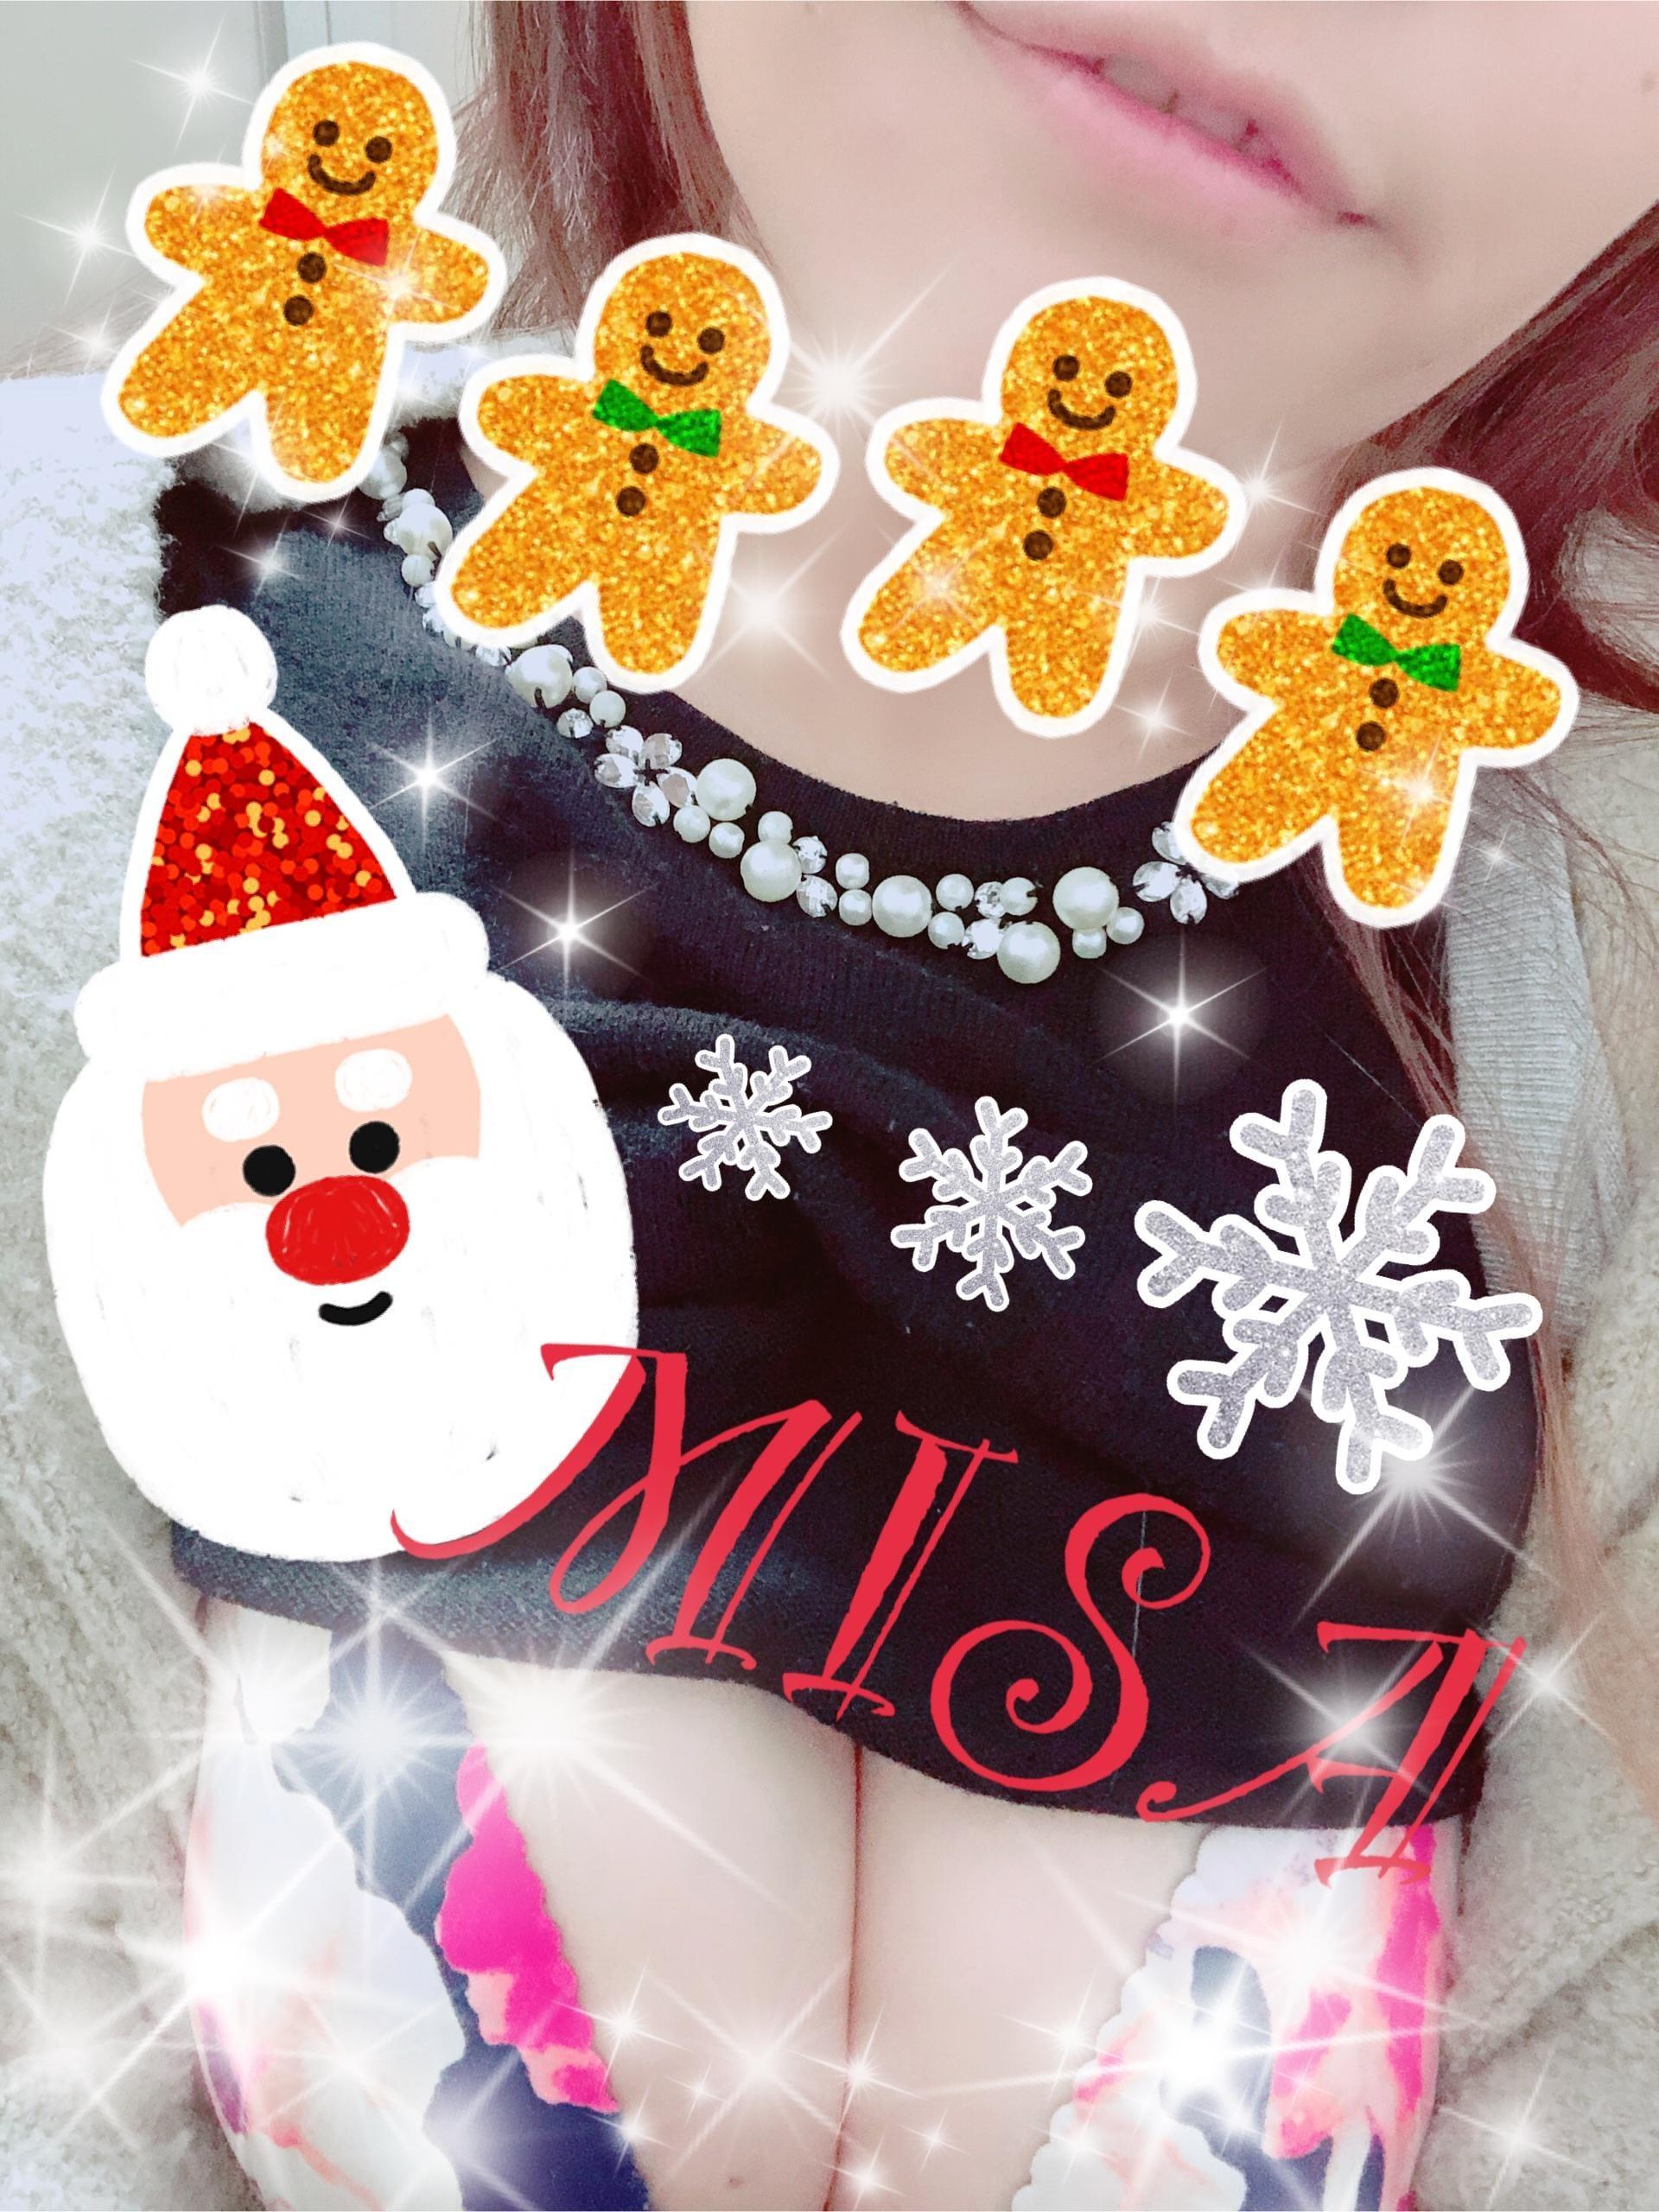 「おはよう♡」12/14(12/14) 10:19 | みさの写メ・風俗動画